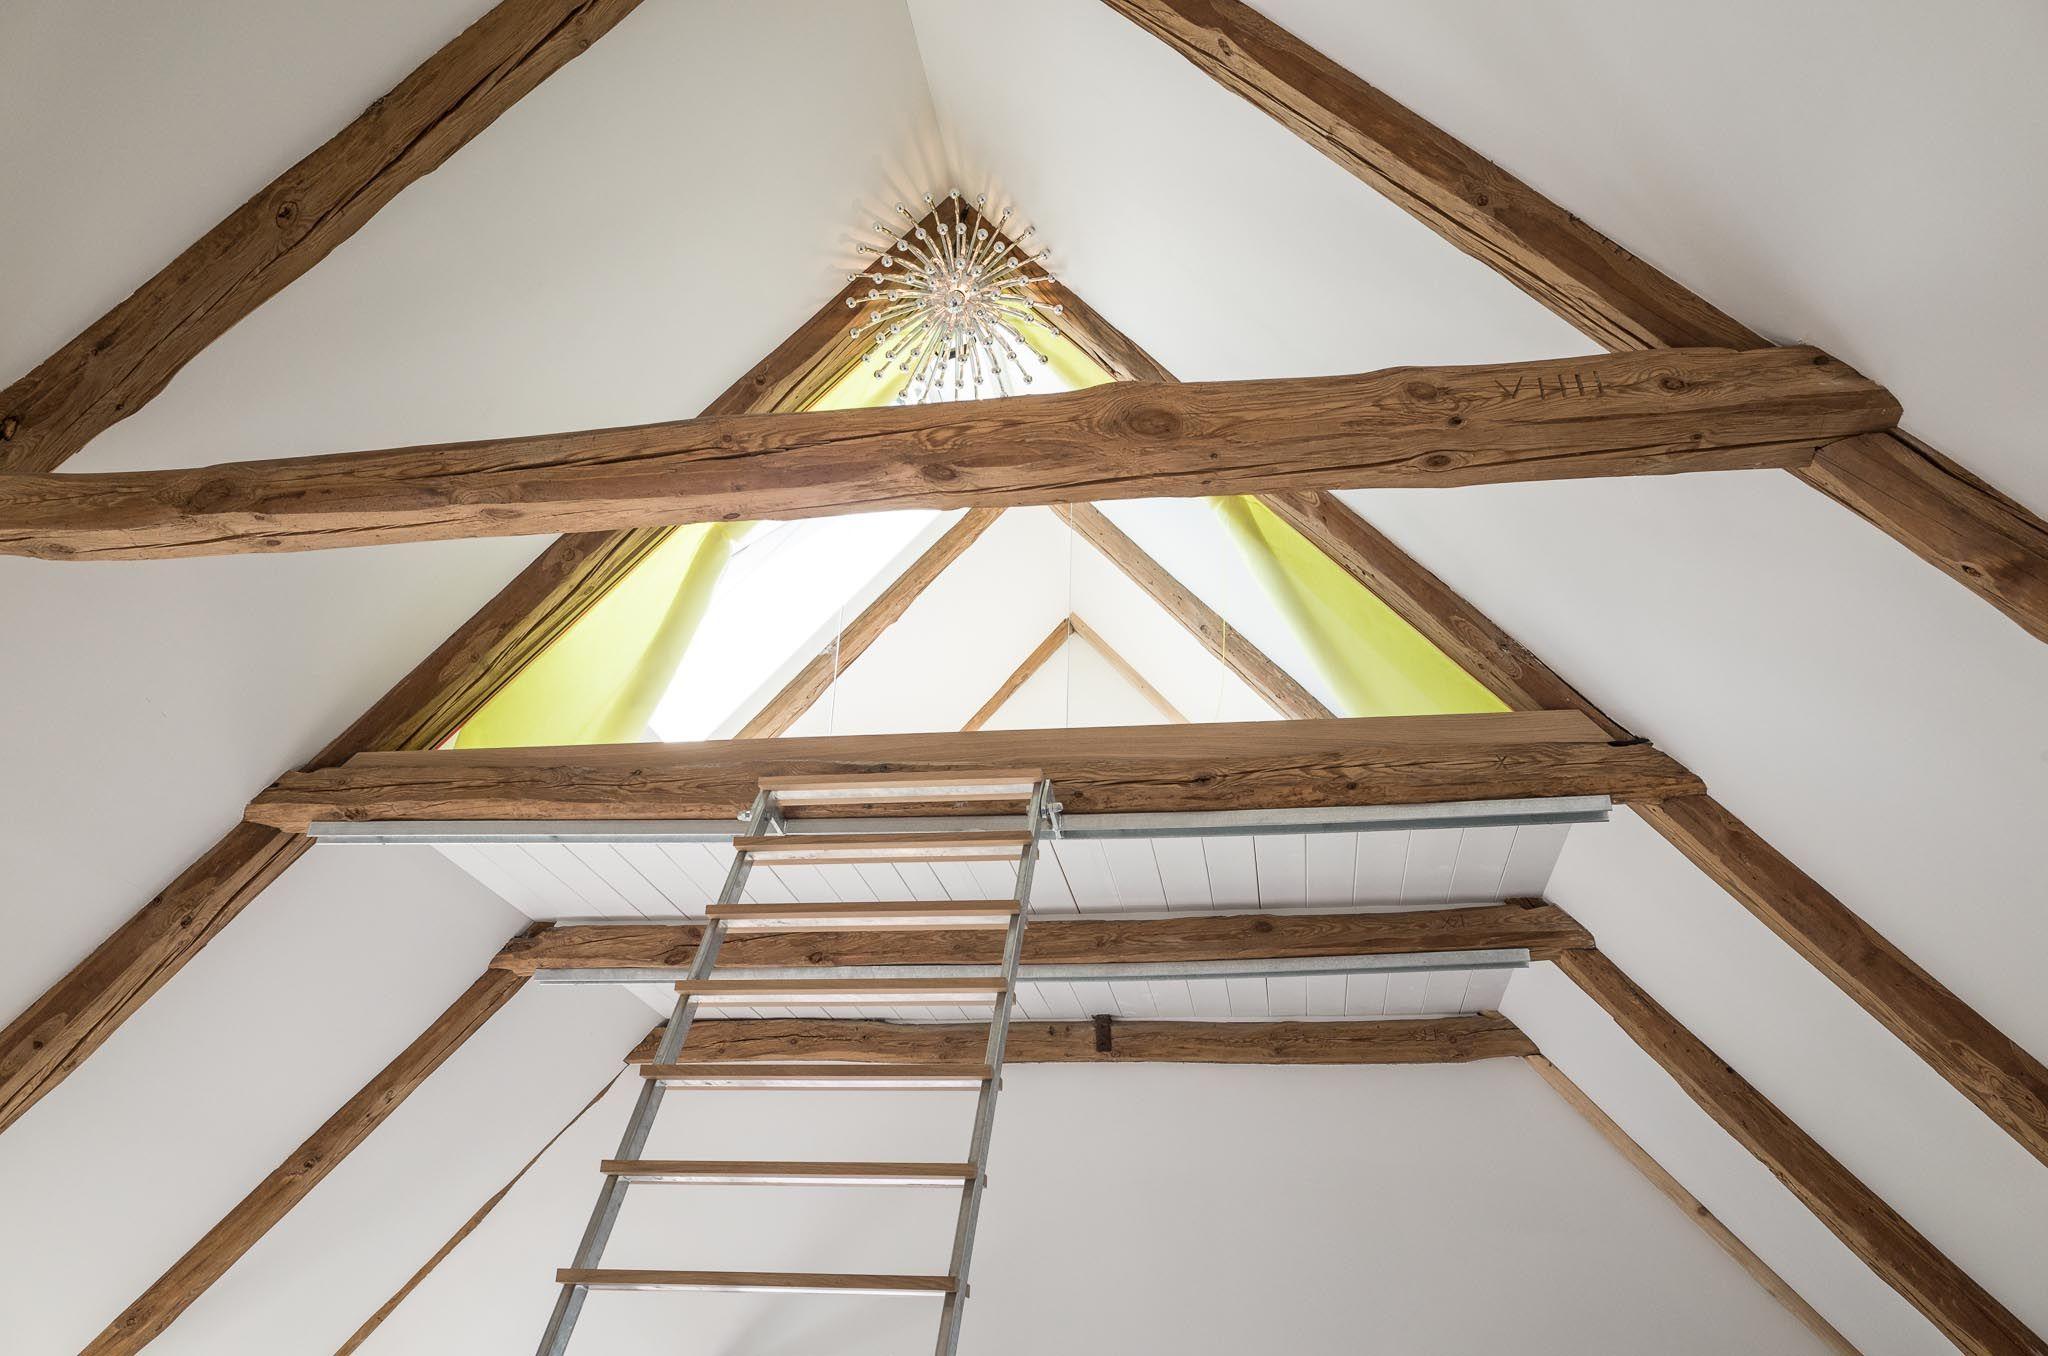 ausguck vogelkoje dachboden schlafzimmer spitzboden holzboden weiss bett balken koje